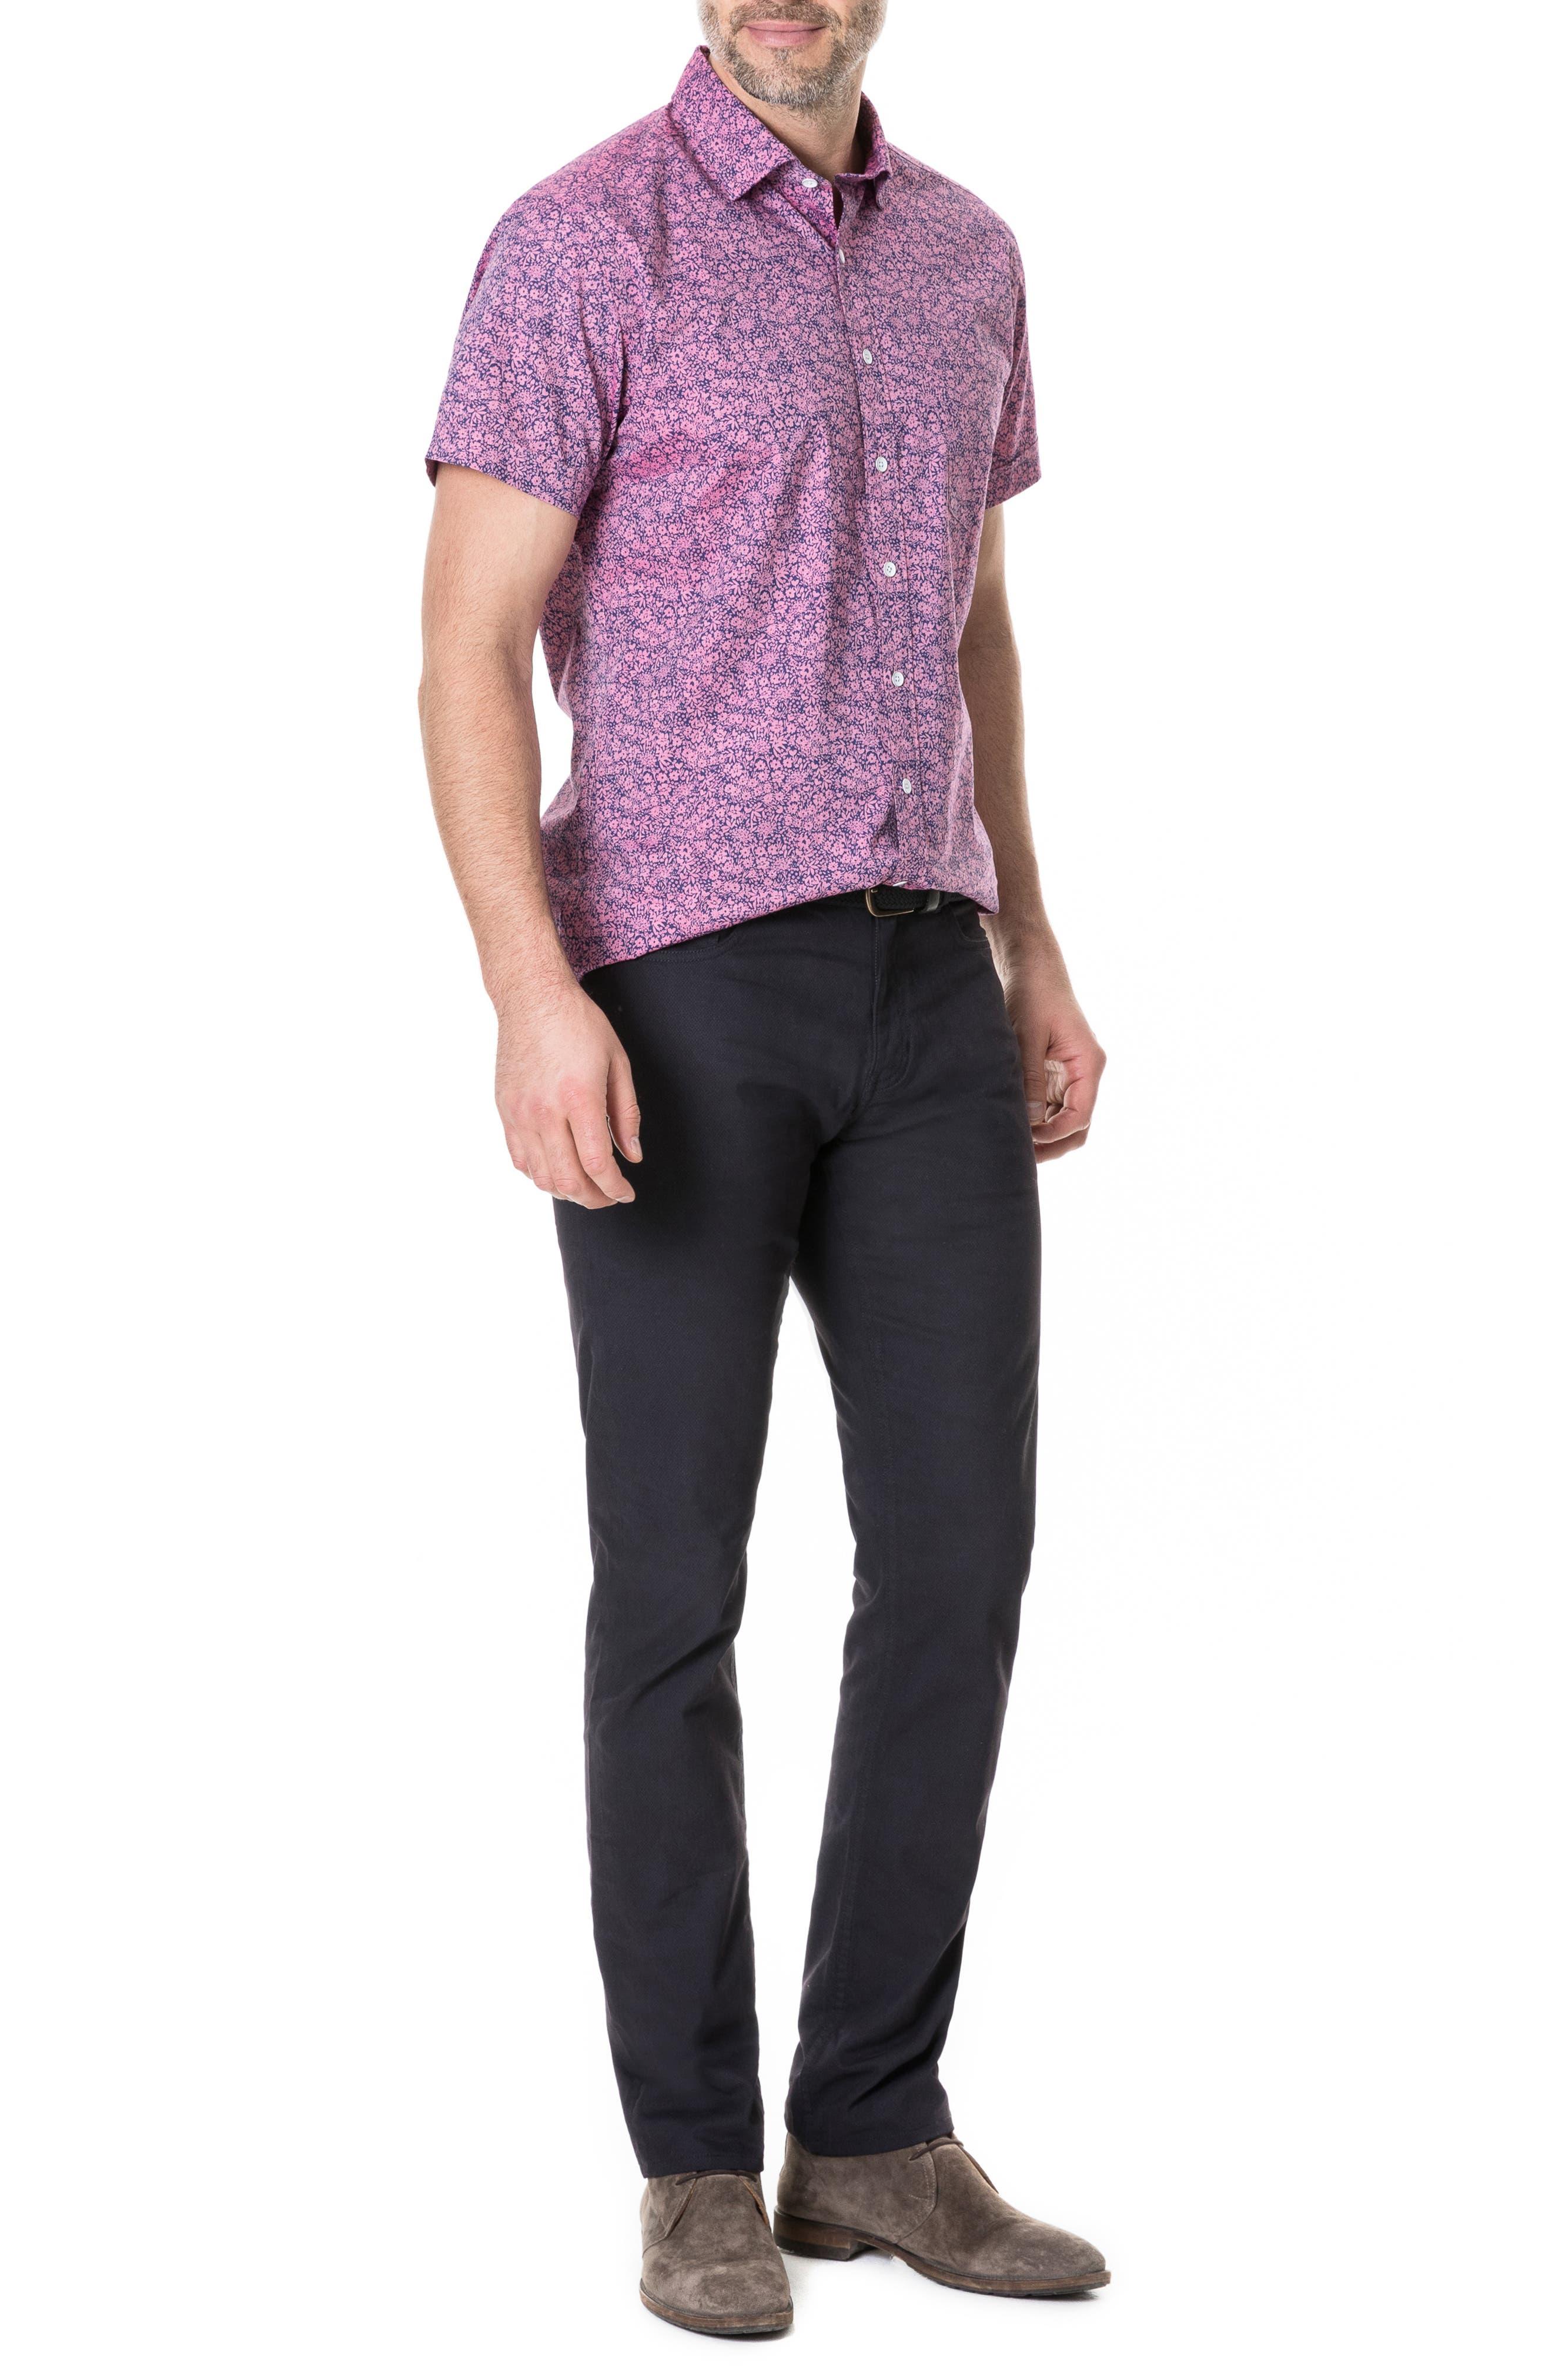 Whareflat Straight Leg Jeans,                             Alternate thumbnail 5, color,                             ASPHALT